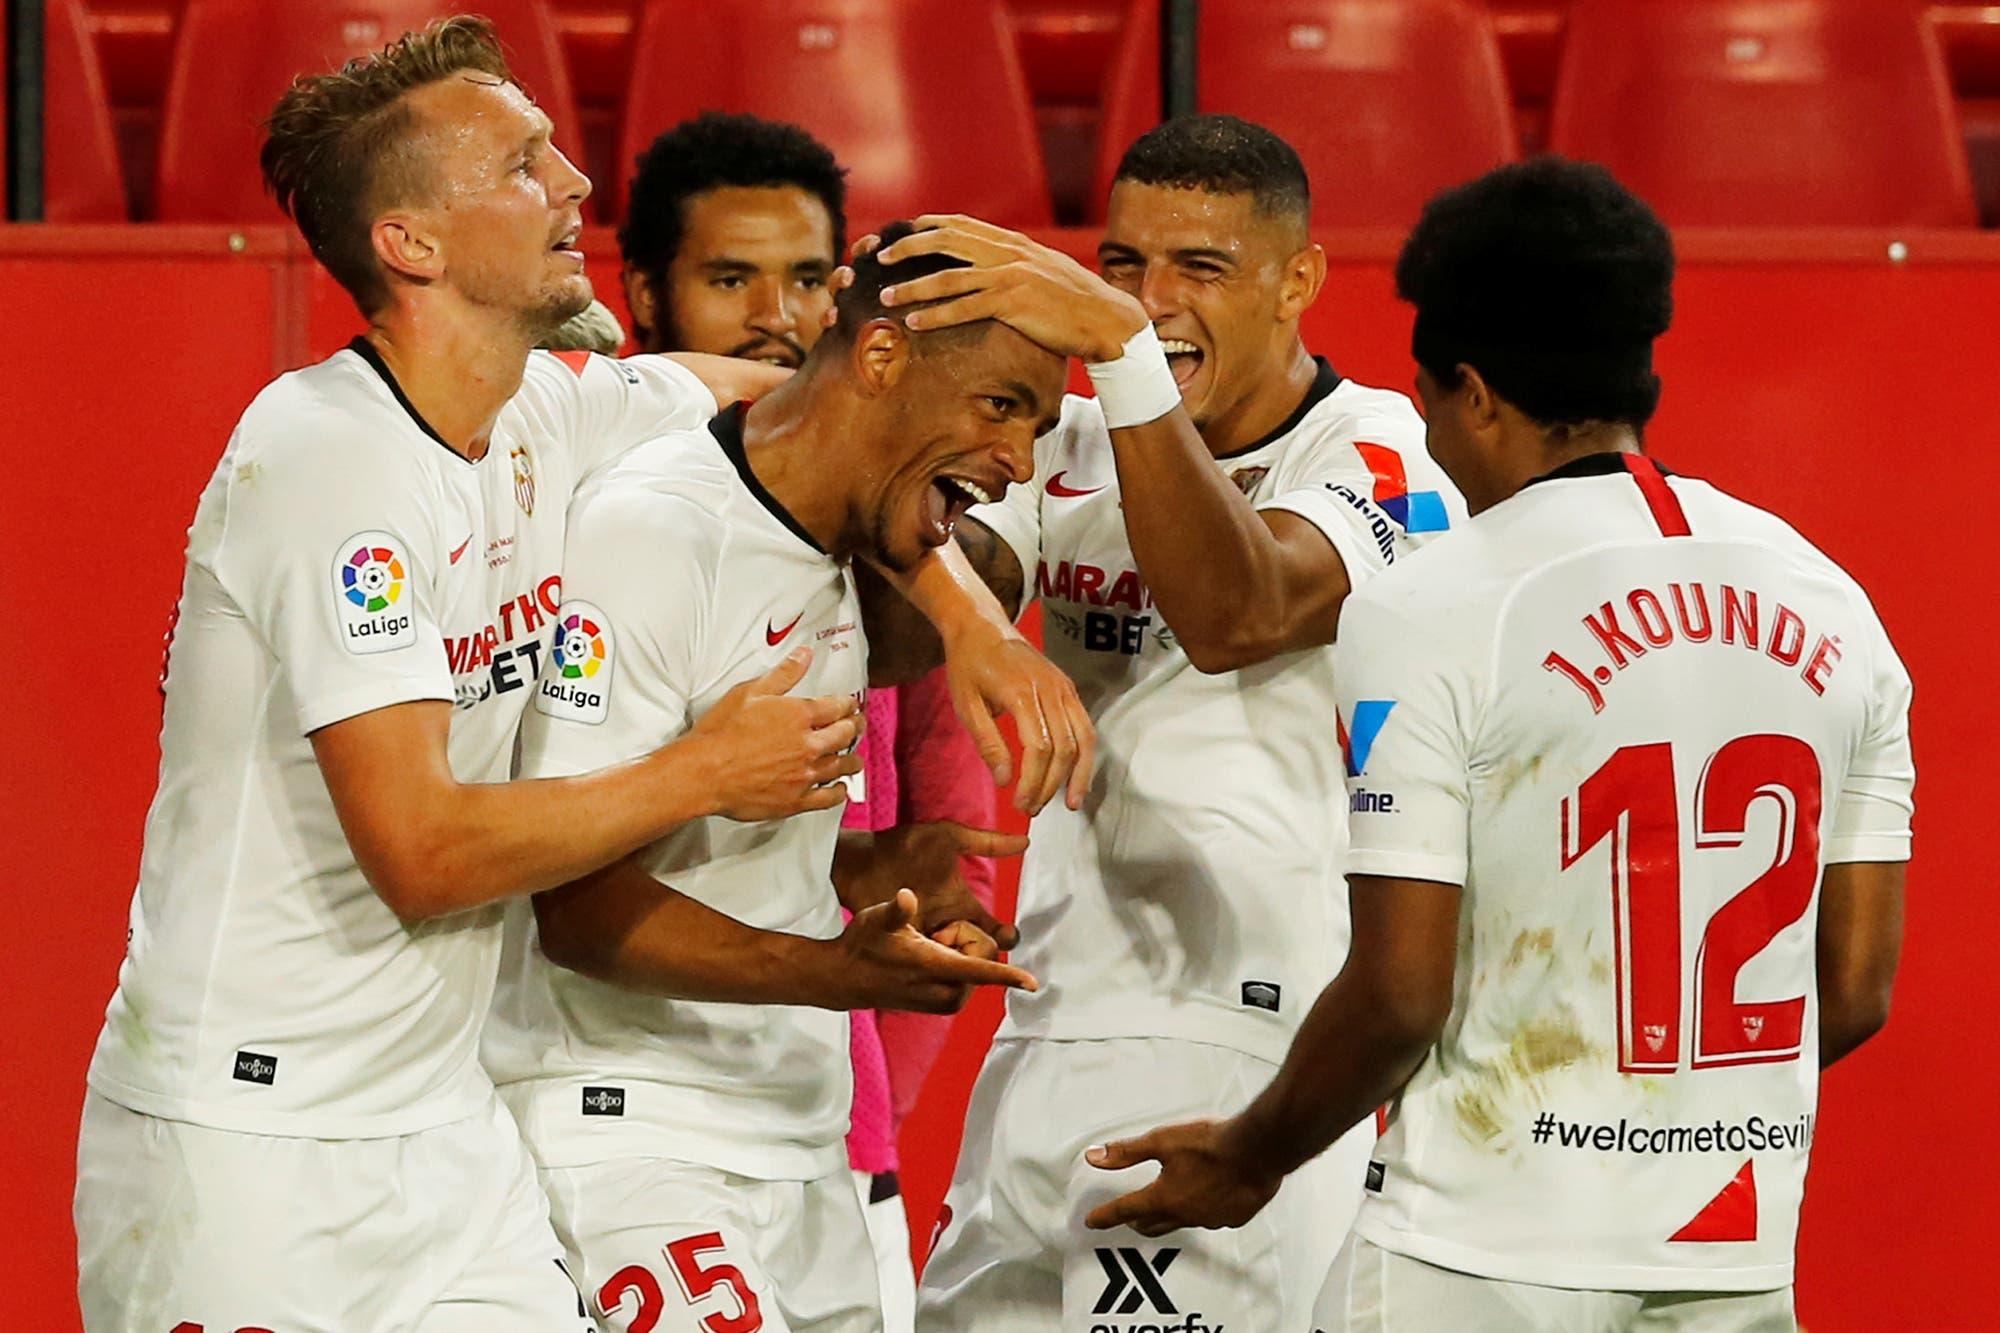 Sevilla-Betis: Lucas Ocampos anotó el primer gol de la vuelta del fútbol, en el triunfo del local ante un estadio vacío